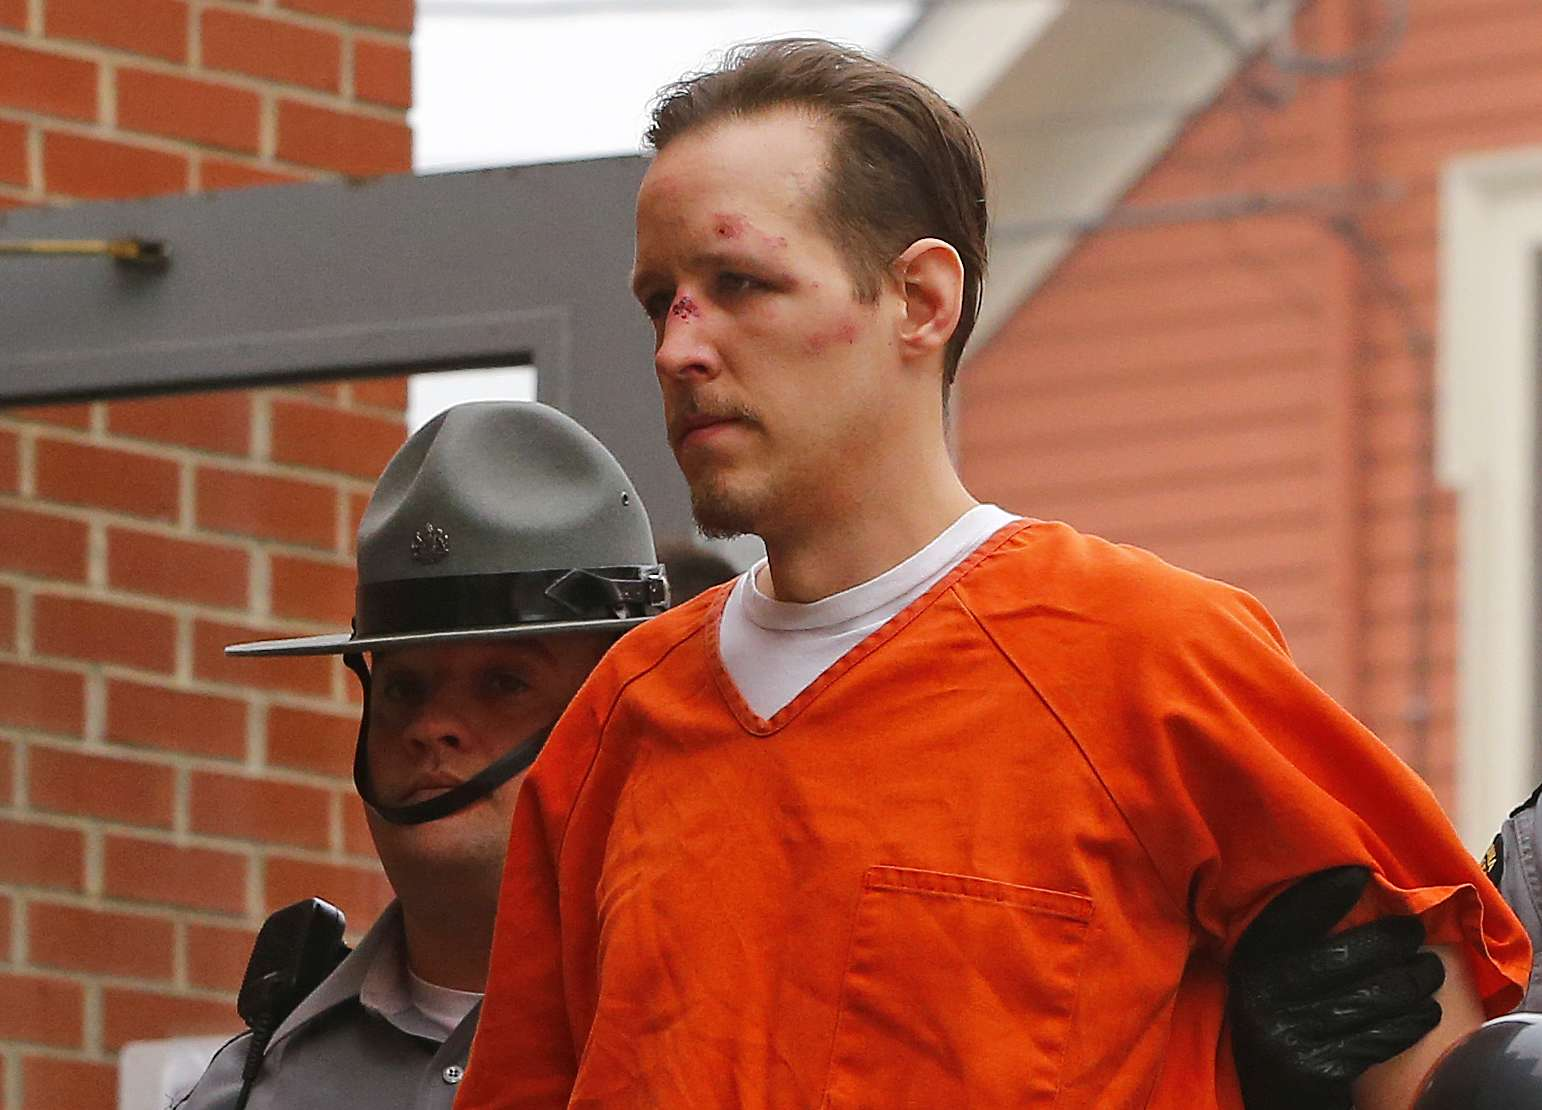 Eric Frein es escoltado por la policía a la corte del condado Pike, en Pennsylvania, este viernes 31 de octubre de 2014. Foto: AP en español